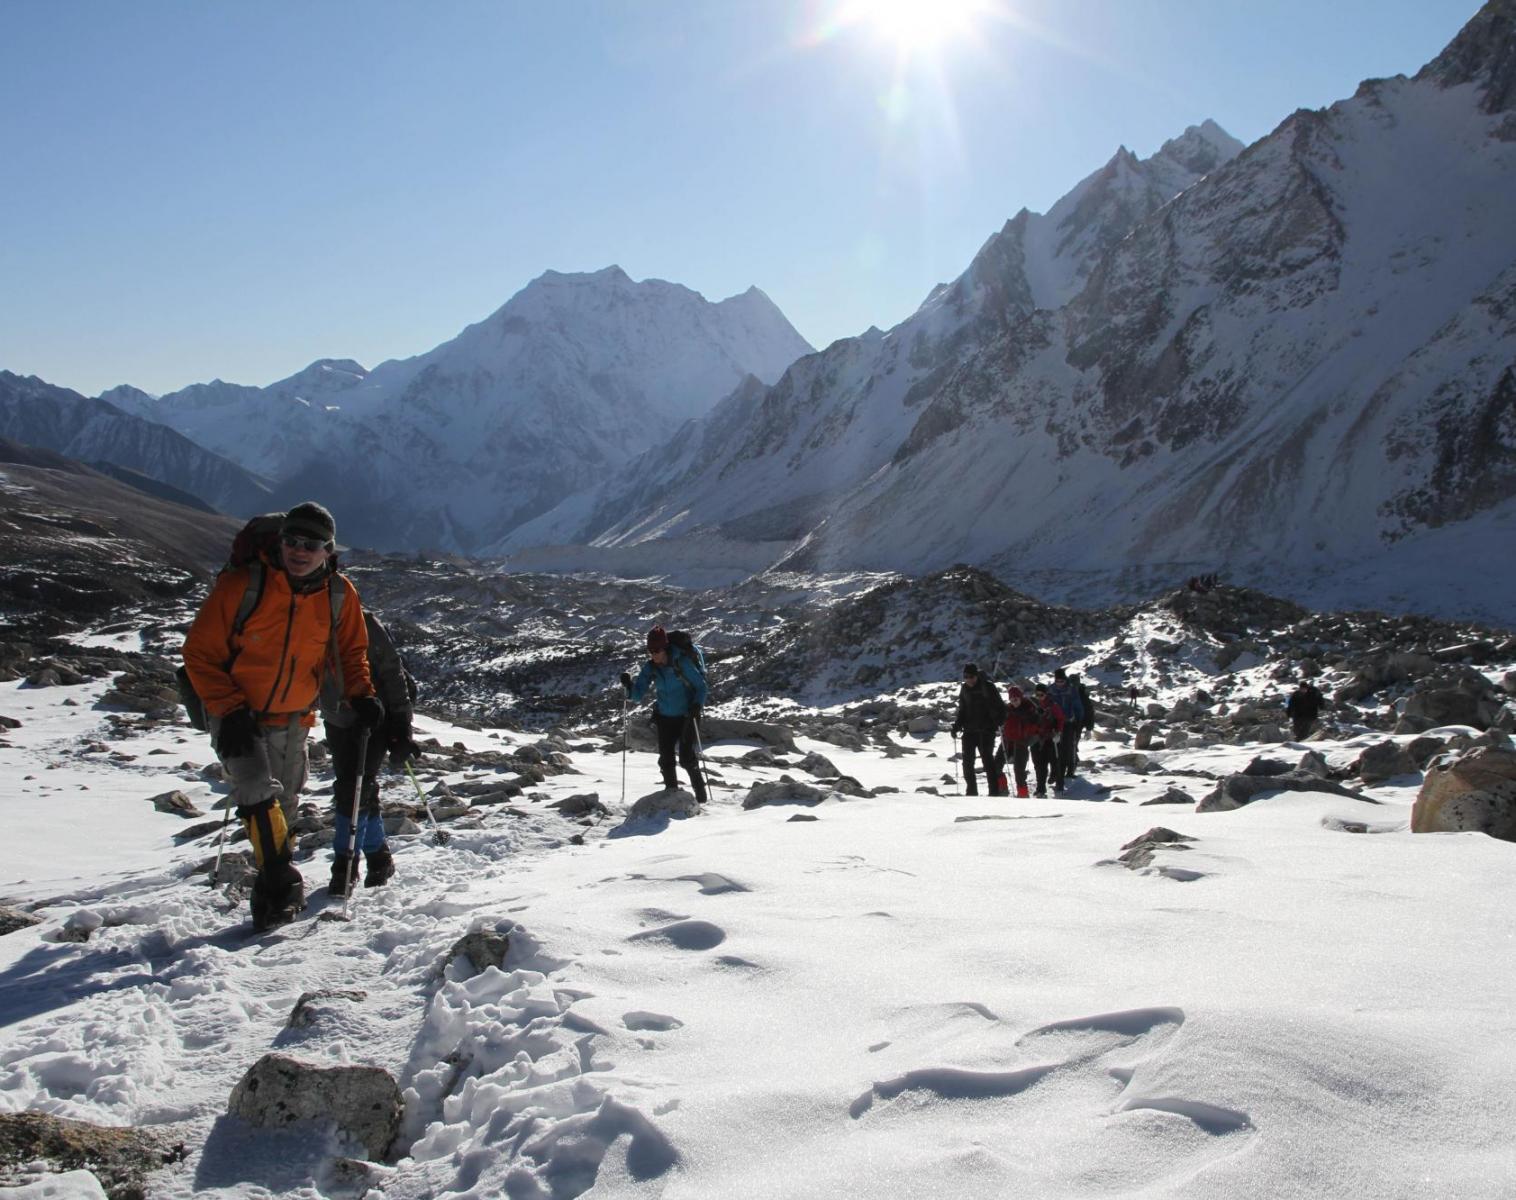 Népal  Tour du Manaslu et pays de Tsum   Trek & Randonnée